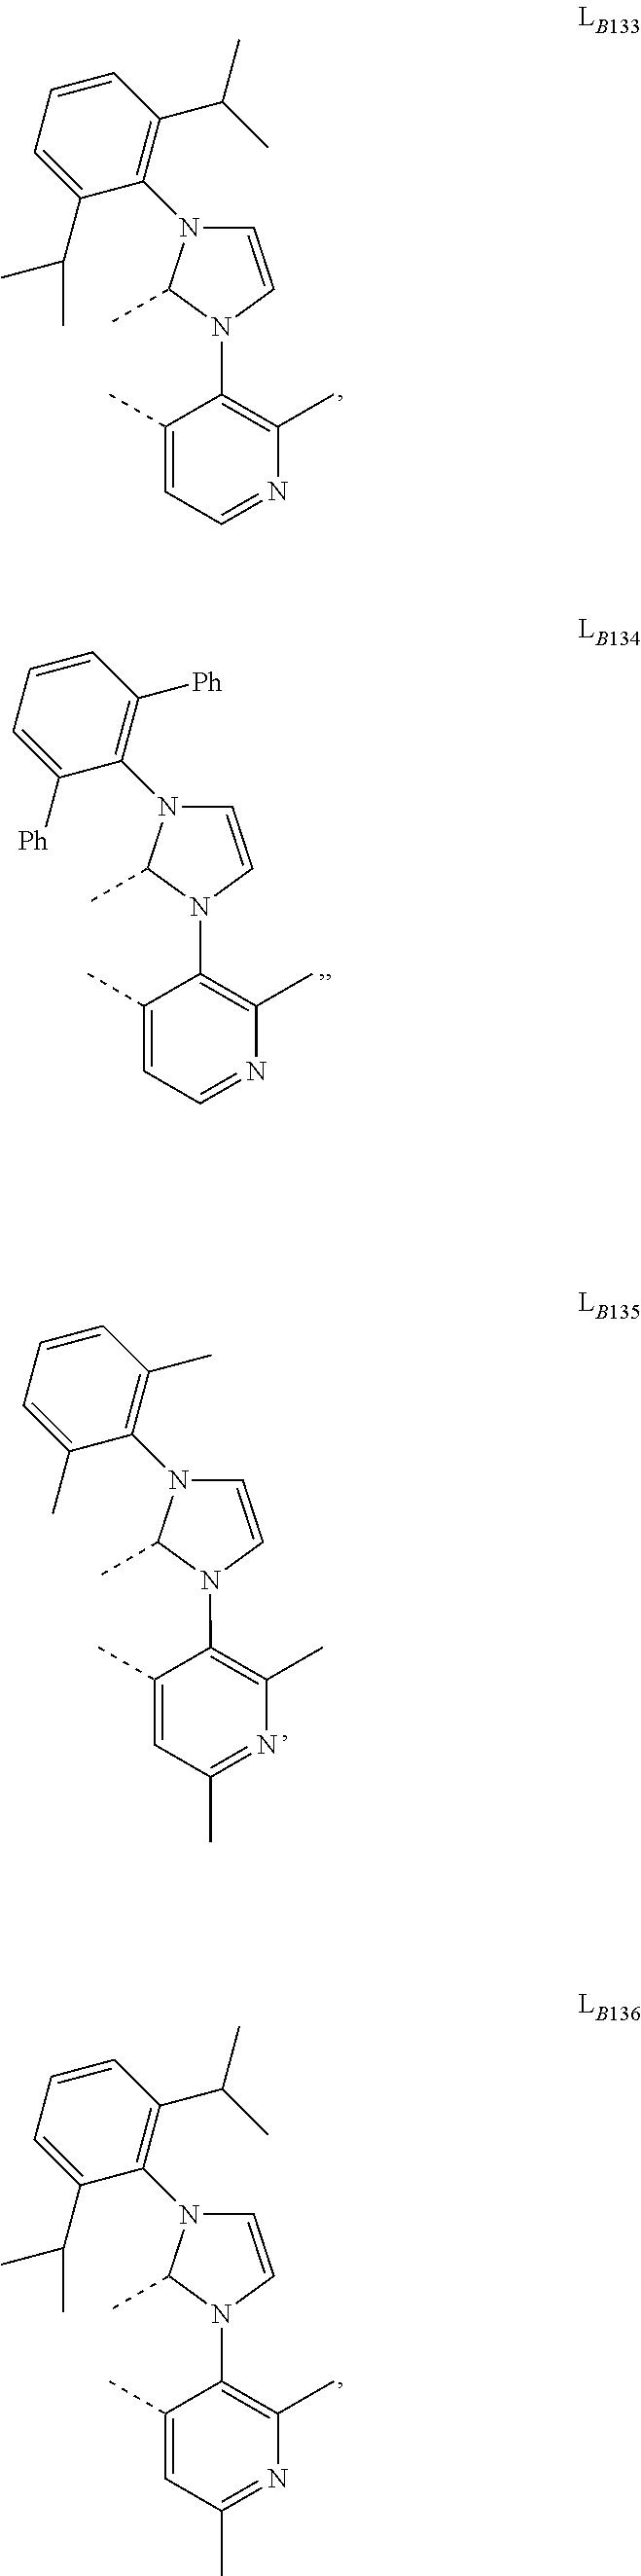 Figure US09905785-20180227-C00133